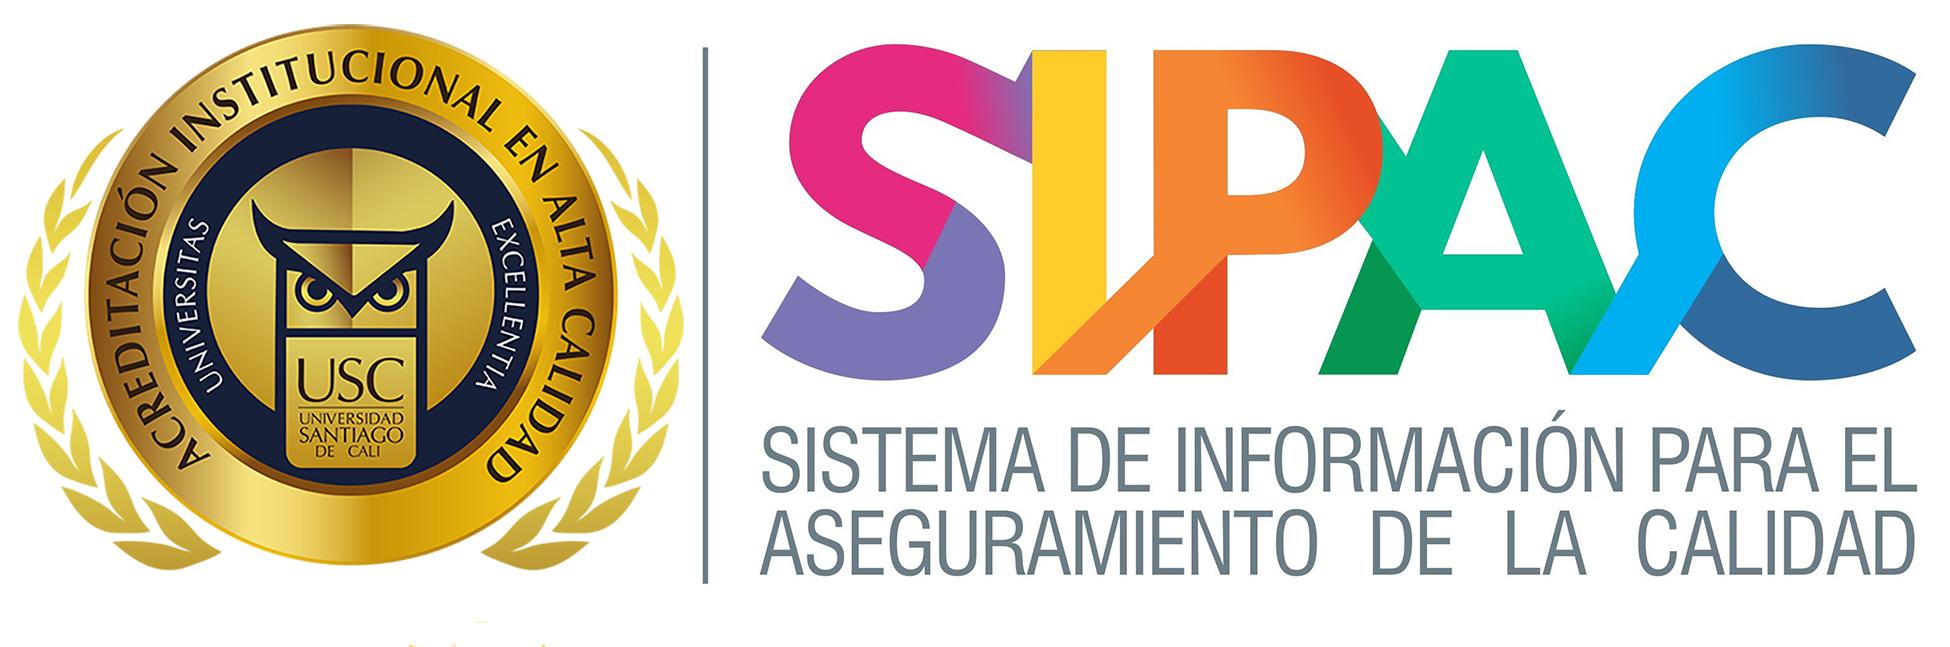 Logotipo SIPAC